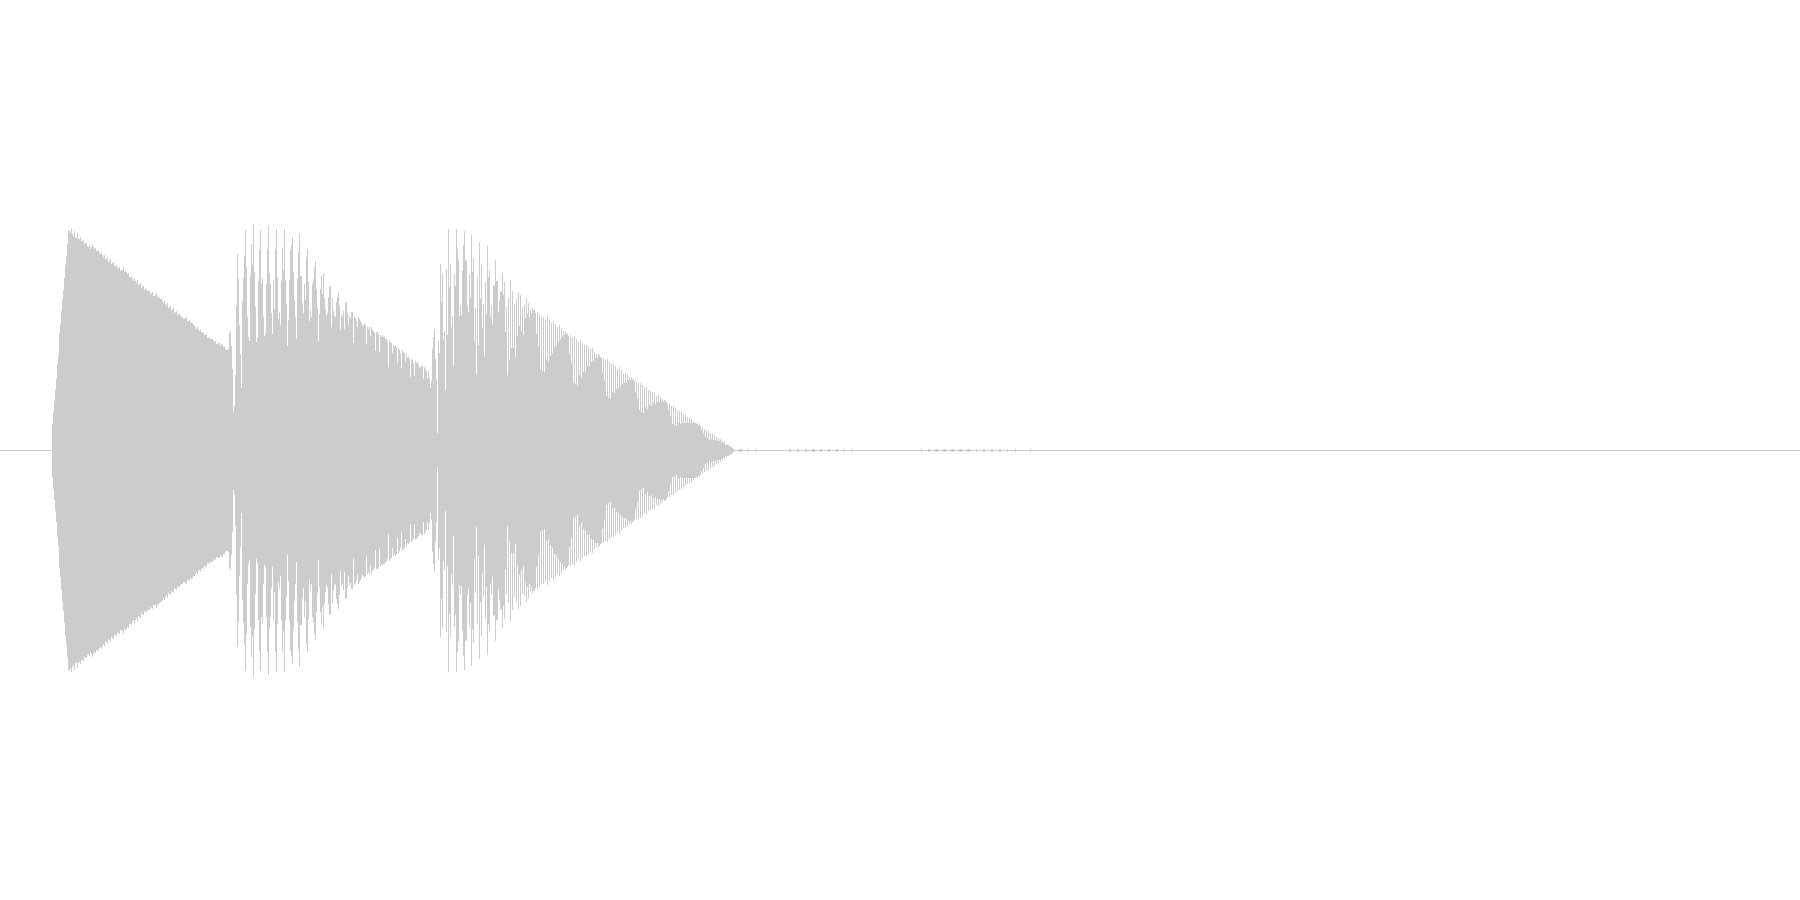 8bitのシステム音ピロン↓の未再生の波形